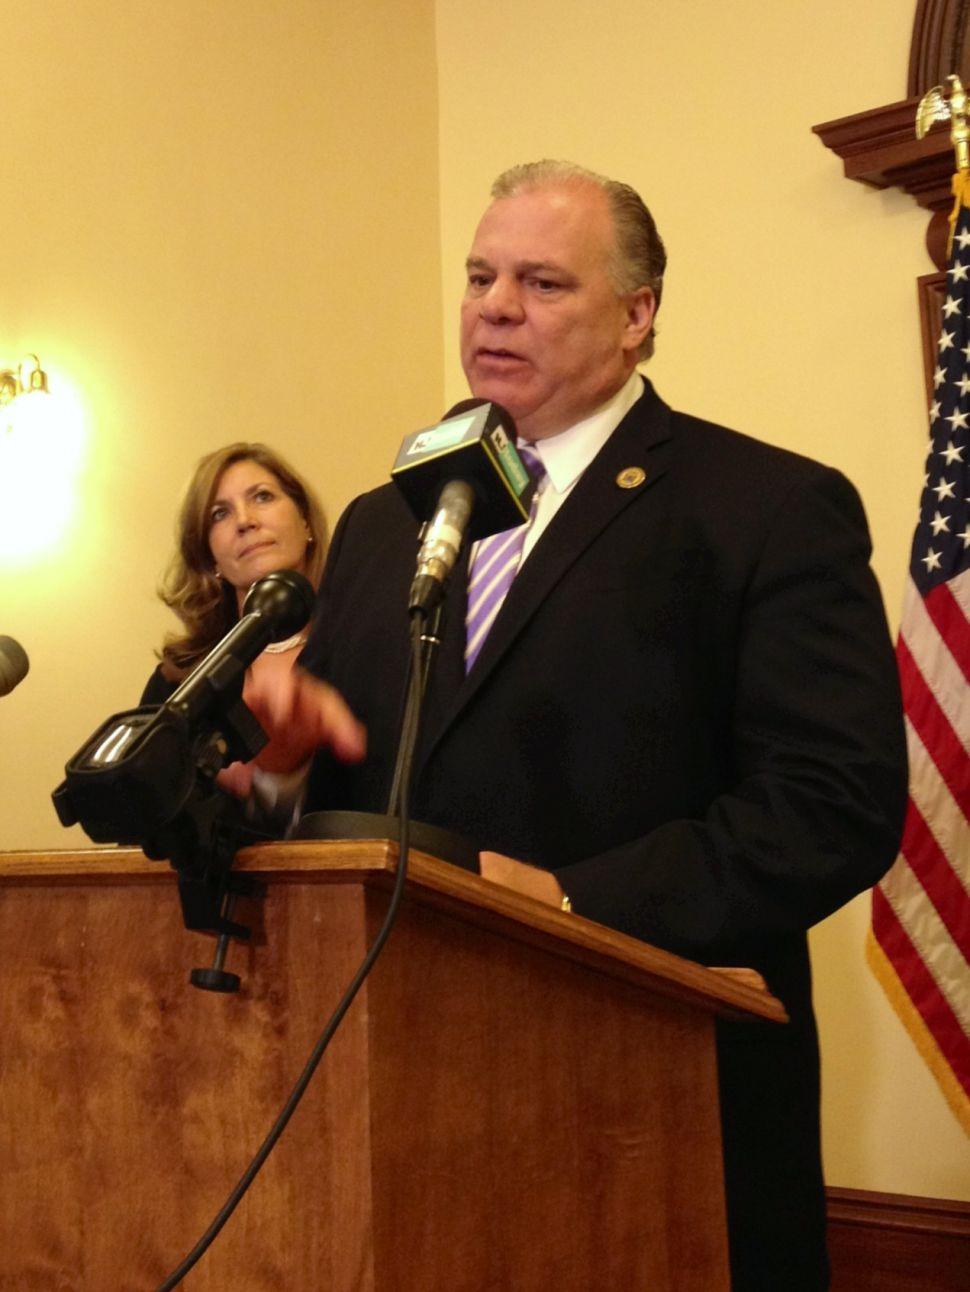 Sweeney looks 'to salvage' centerpiece gun bill